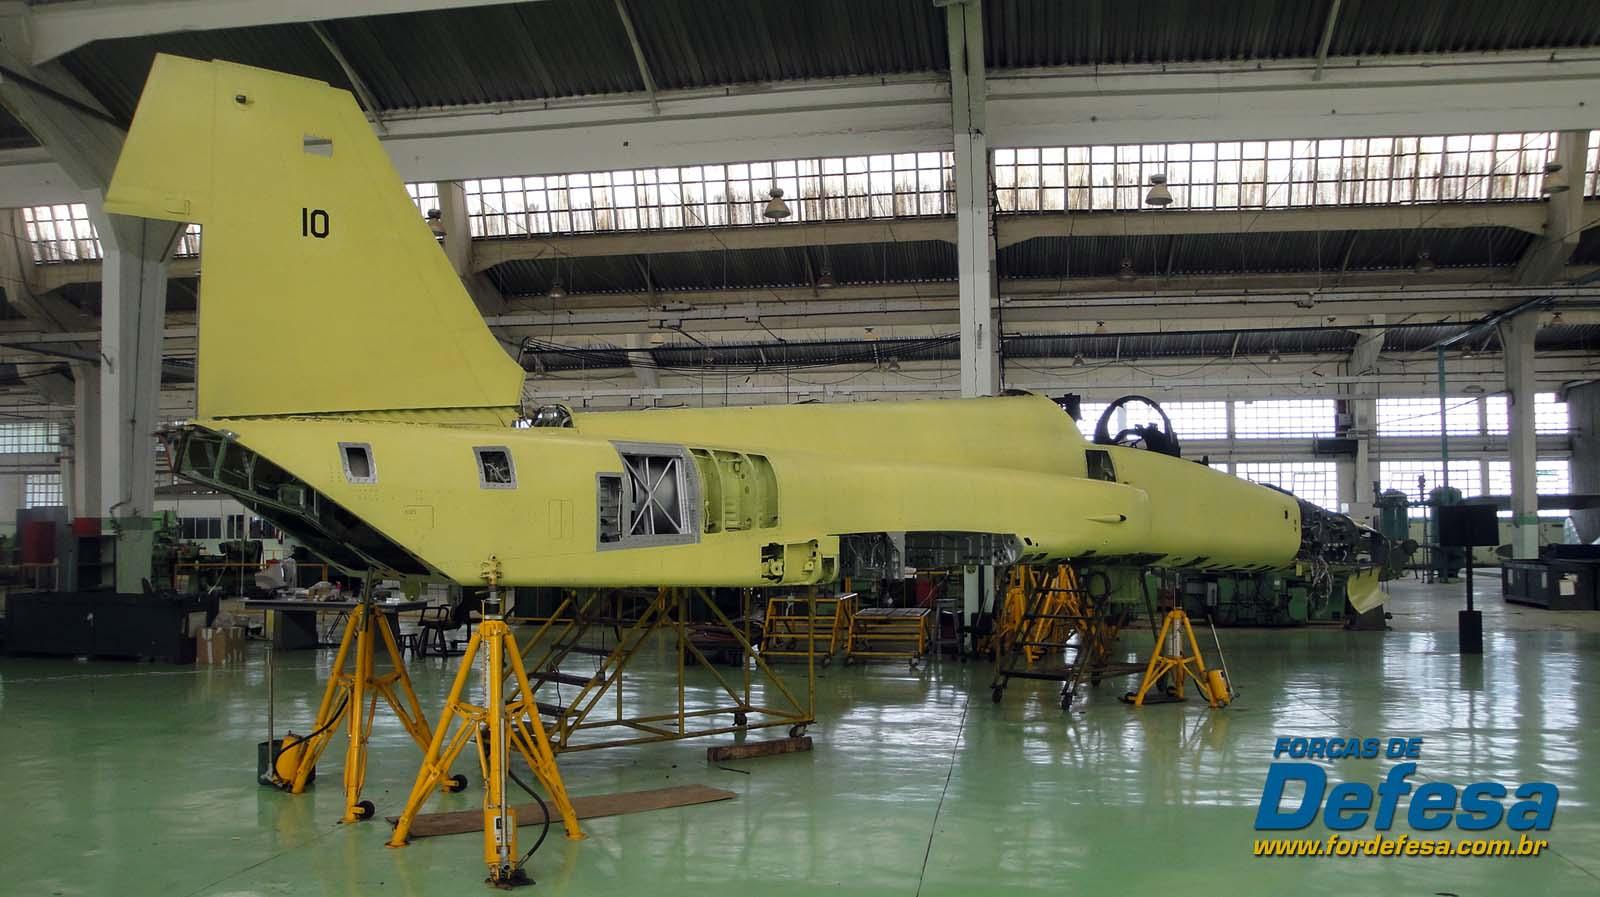 F-5F ex-jordânia FAB 4810 em montagem no PAMA-SP em 1dez2012 - foto Nunão - Poder Aéreo